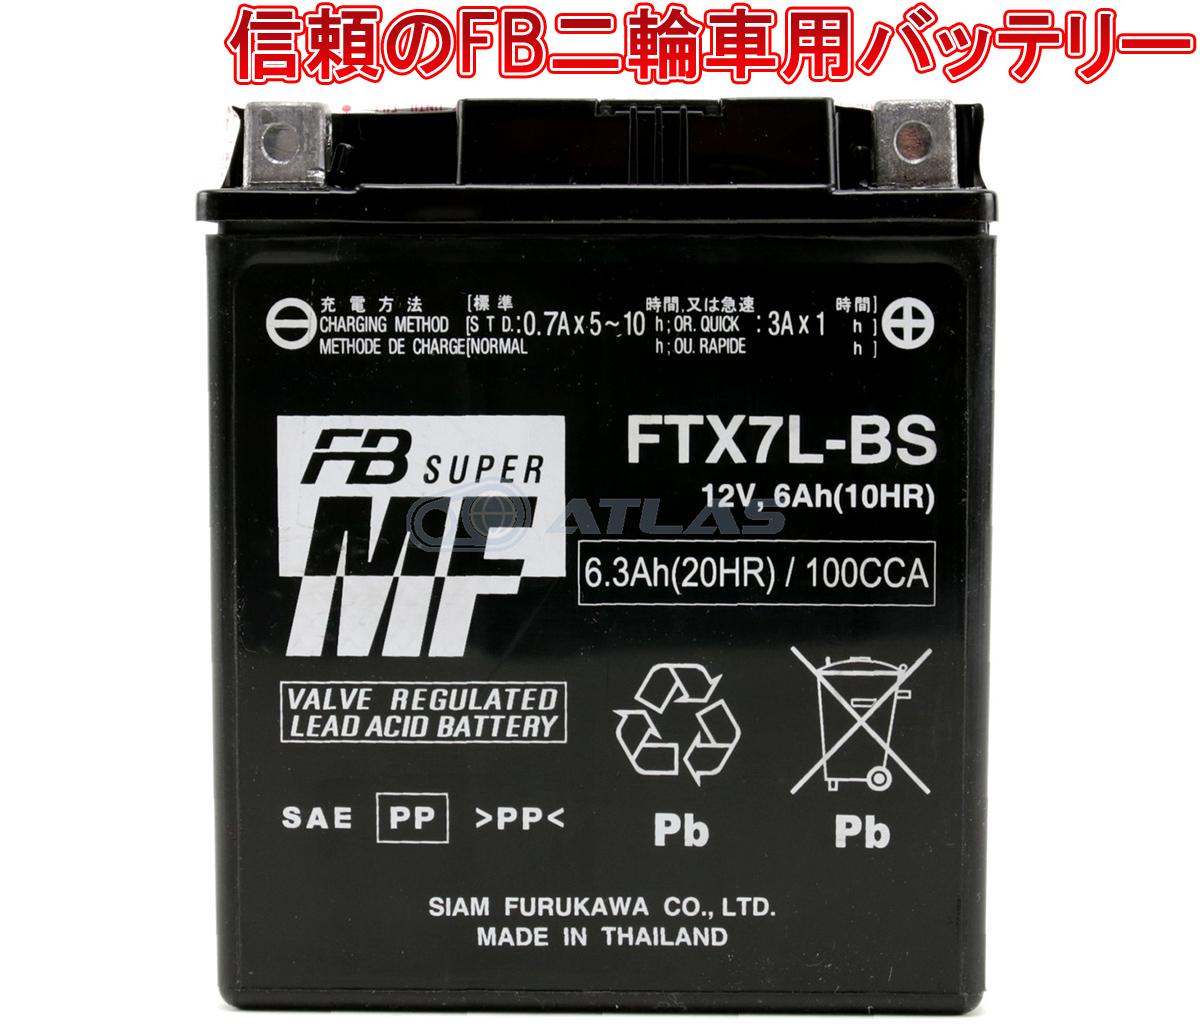 安心の国内正規品 メーカー保証付き 新品■送料無料■ LINE友だちクーポン発行中 バイク バッテリー古河電池 FURUKAWA BATTERY YTX7L-BS FTX7L-BS 液入り充電済み GTX7L-BS 早割クーポン DTX7L-BS メーカー1年保証 互換